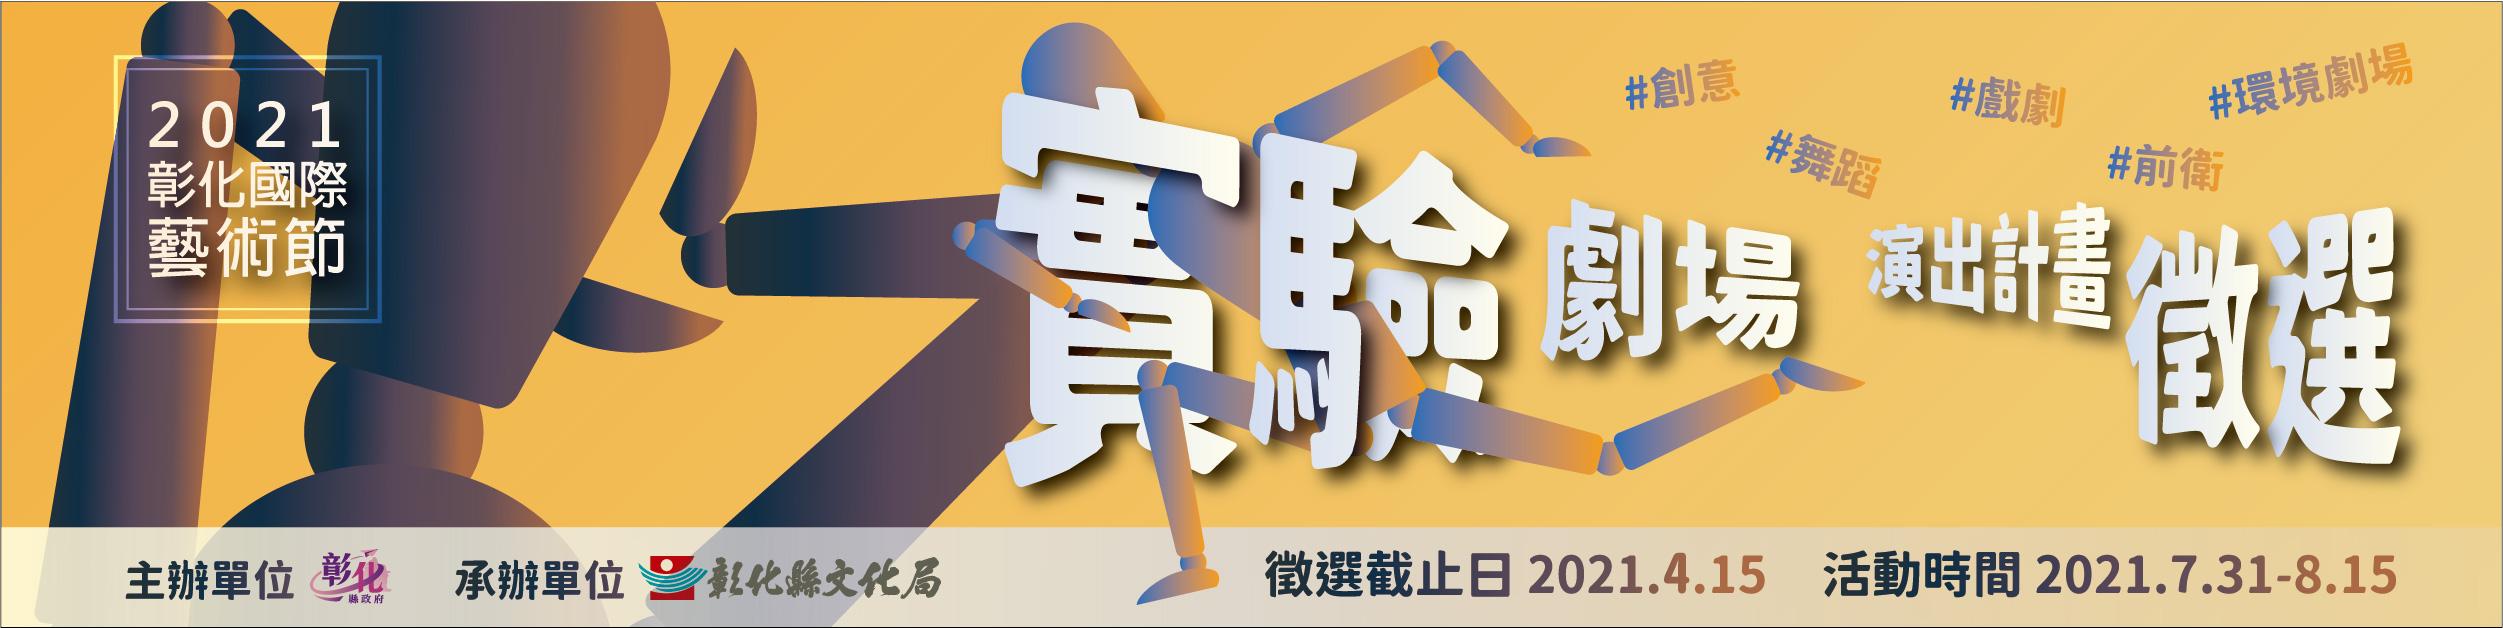 2021彰化國際藝術節實驗劇場邀請全國團隊來拚場!圖